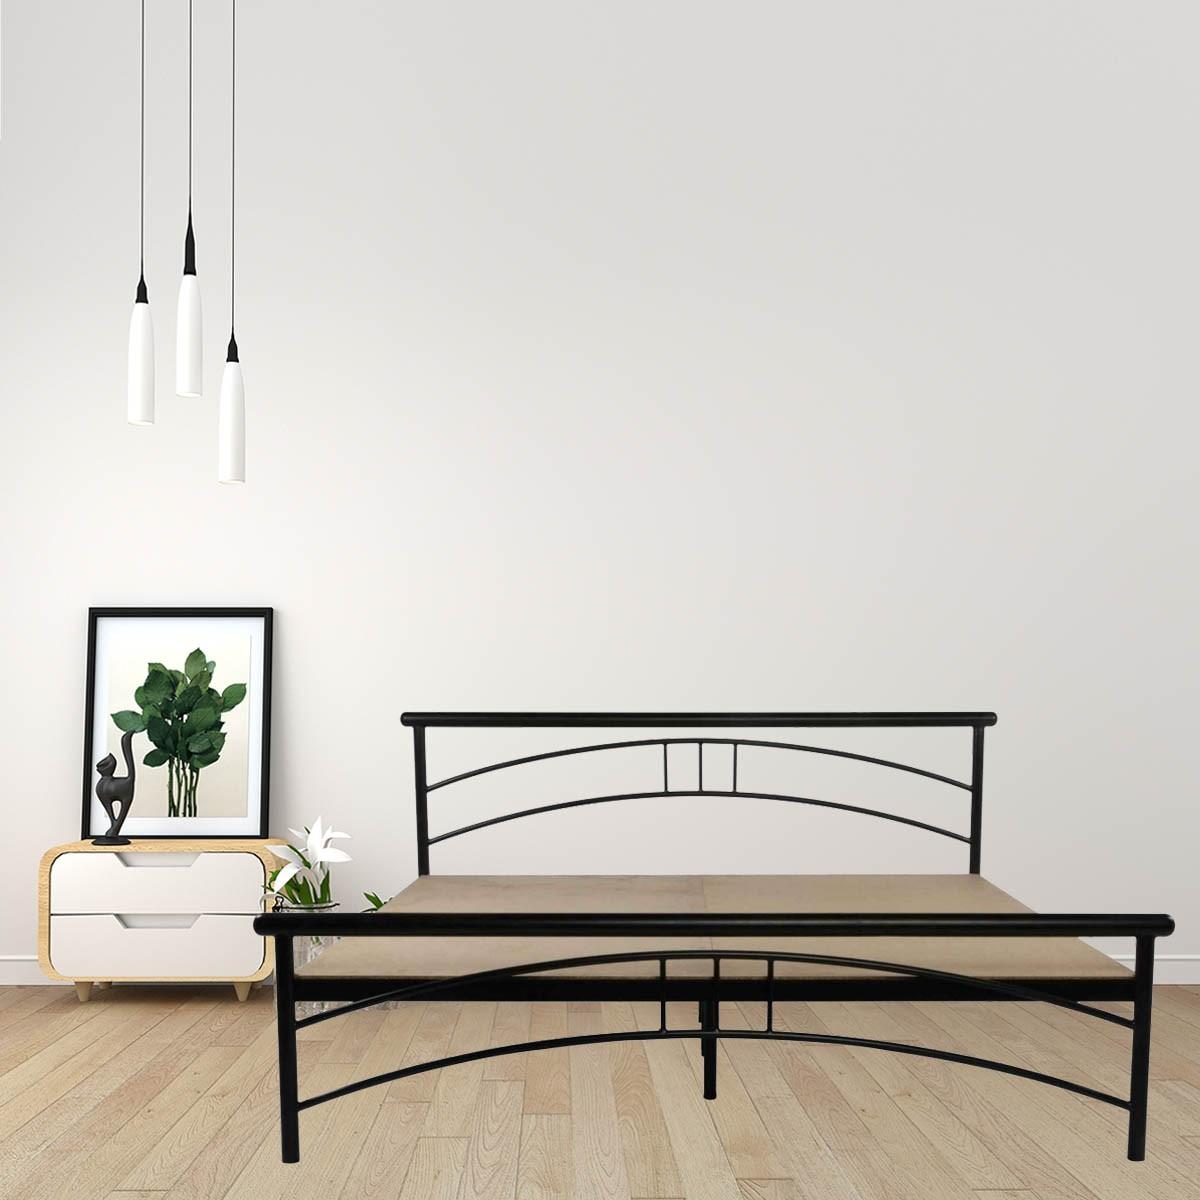 Image of: Tweak Queen Size Metal Bed Price In India Buy Tweak Queen Size Metal Bed Online Vyom Design